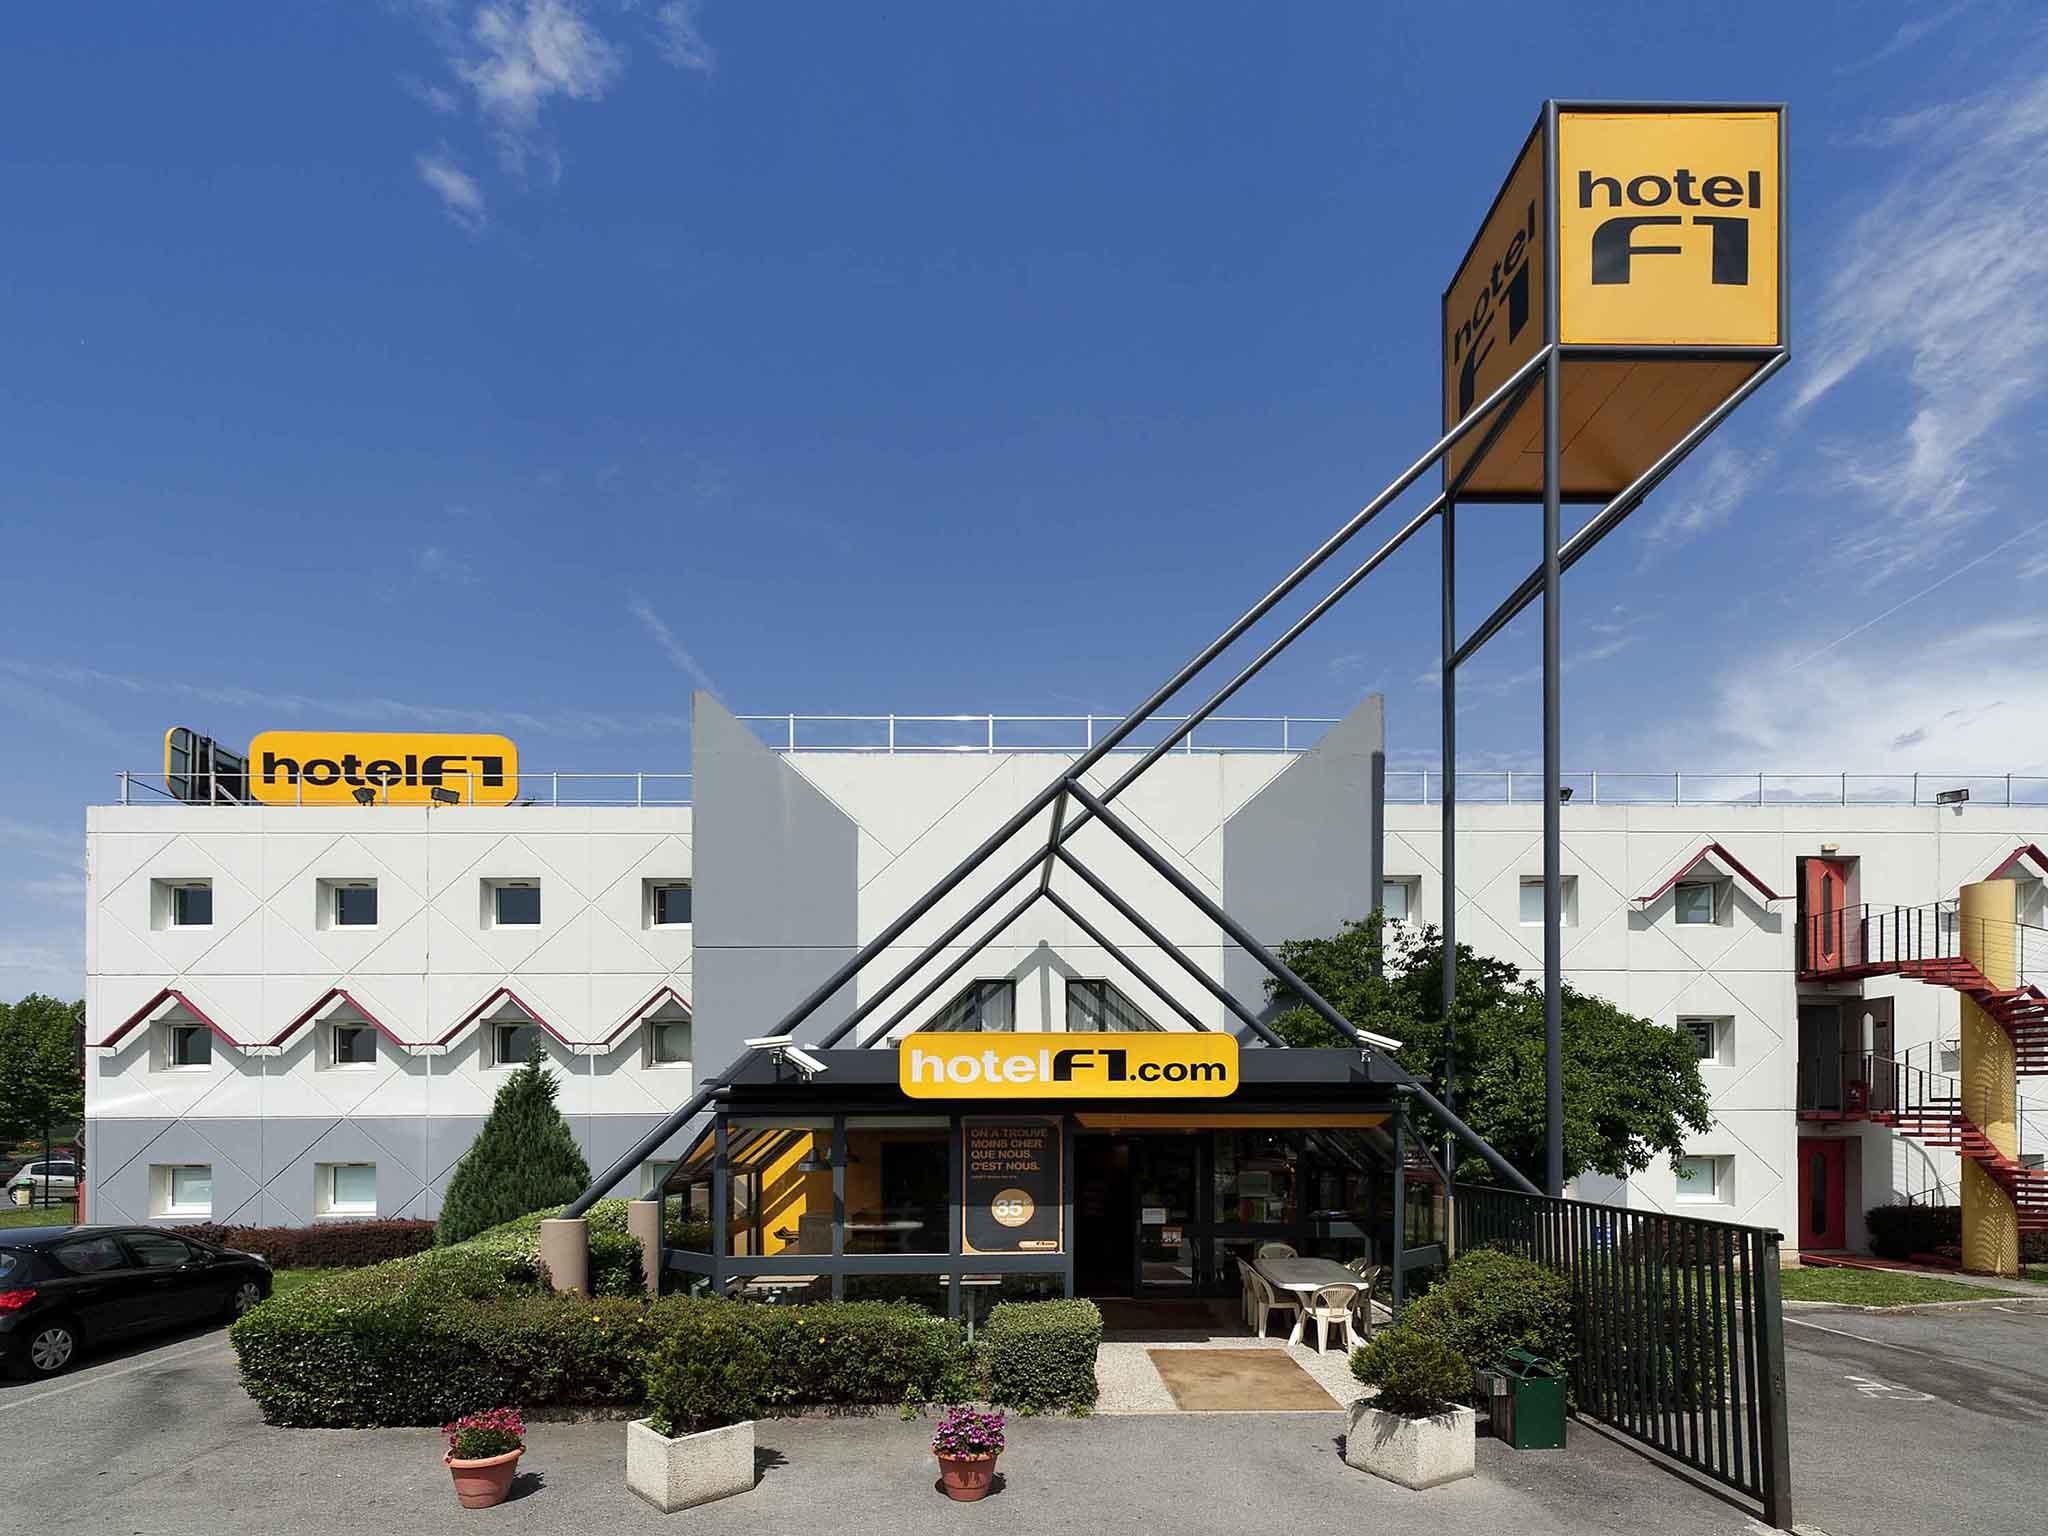 Hotell – hotelF1 Sochaux Montbéliard